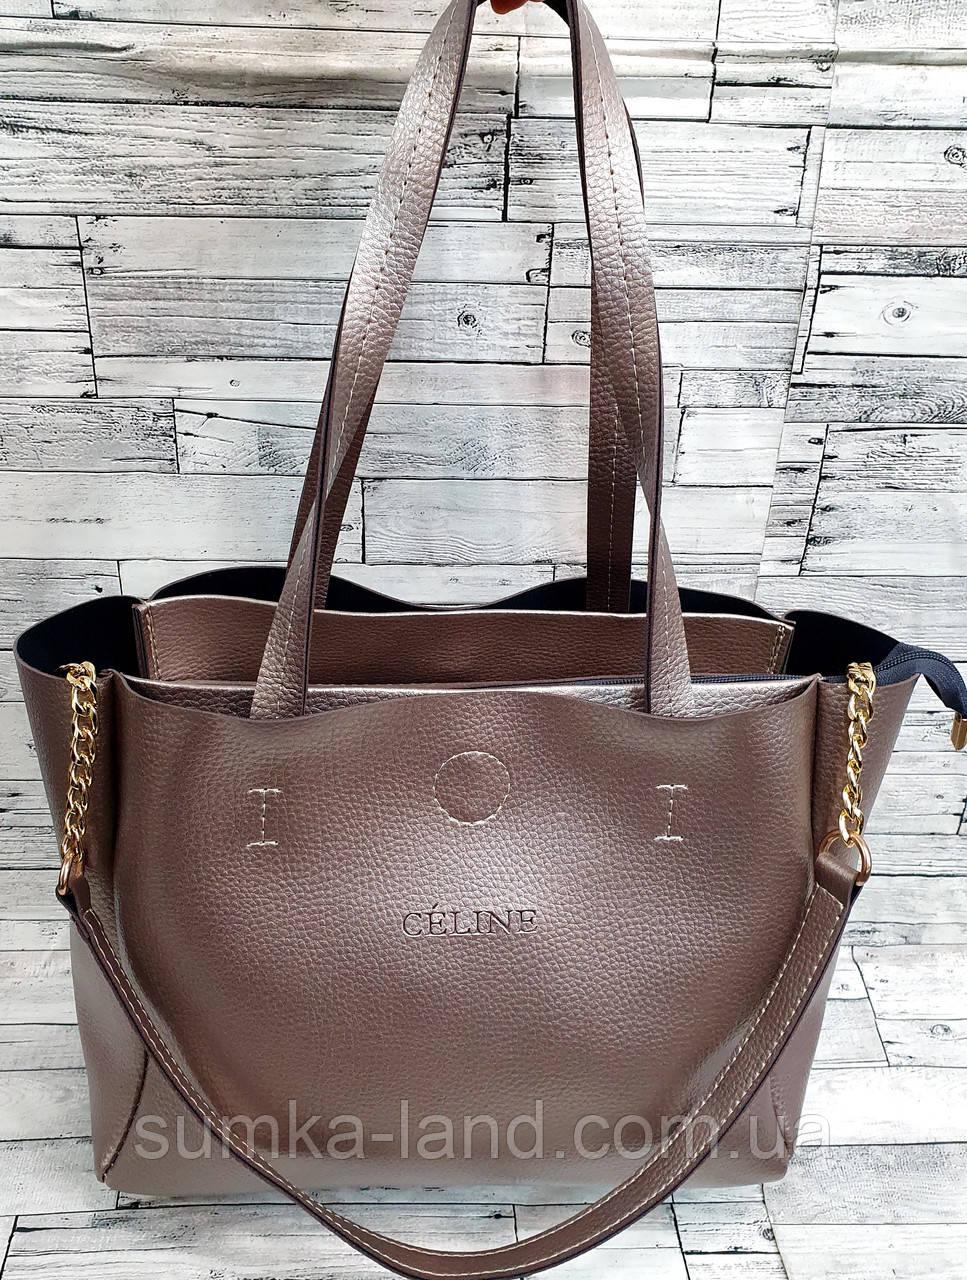 Жіноча чорна сумка Celine з еко-шкіри з додатковими відділеннями по боках 30*25 см